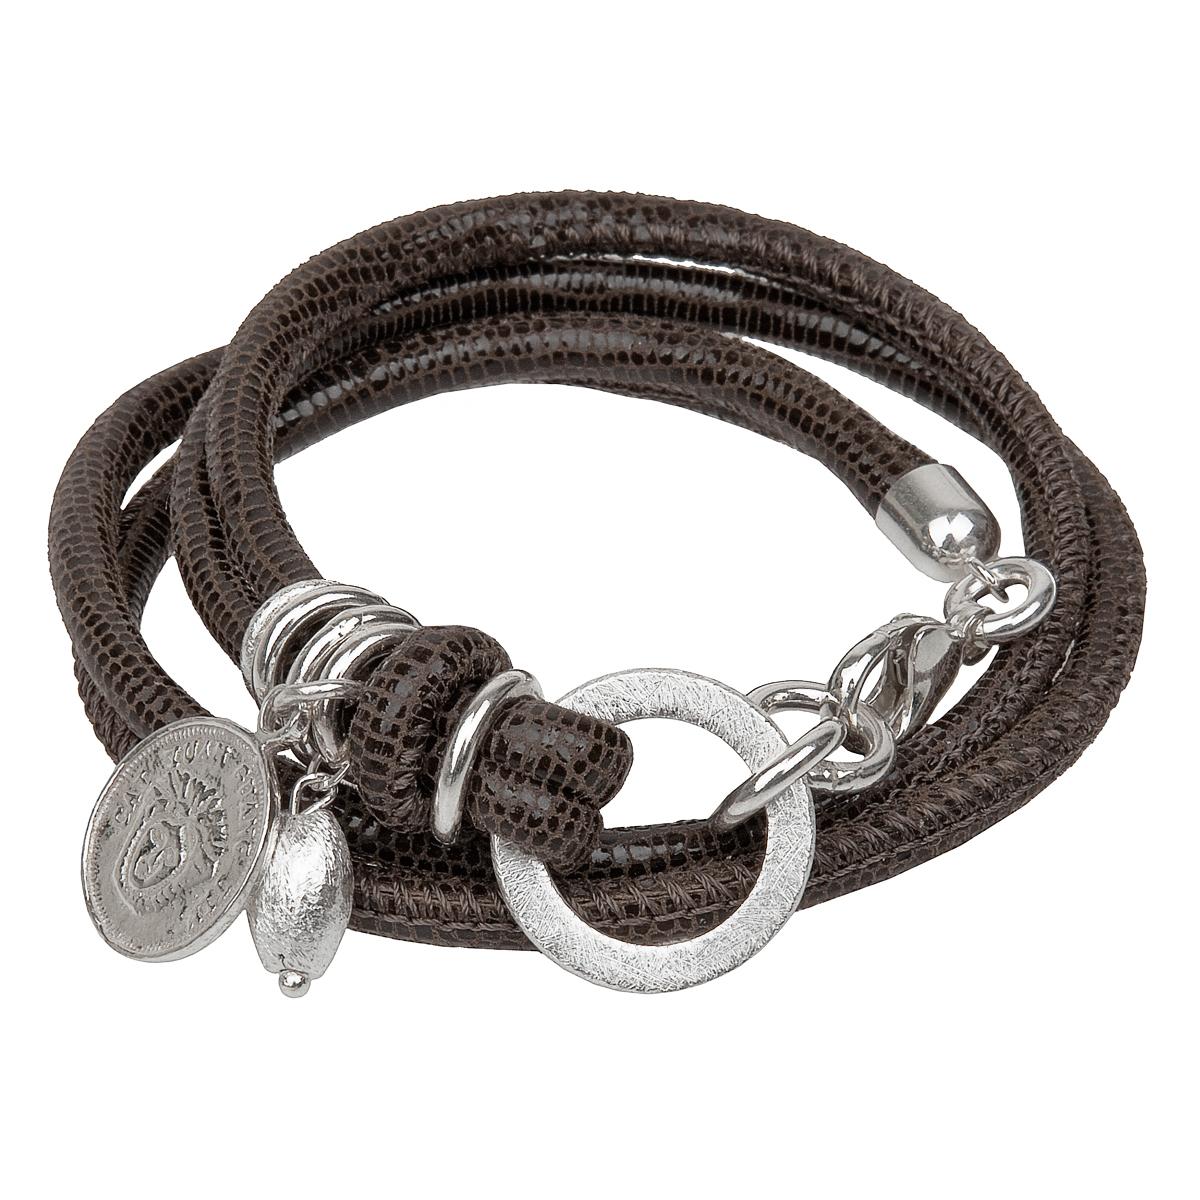 Reptil Armband dunkelbraun matt